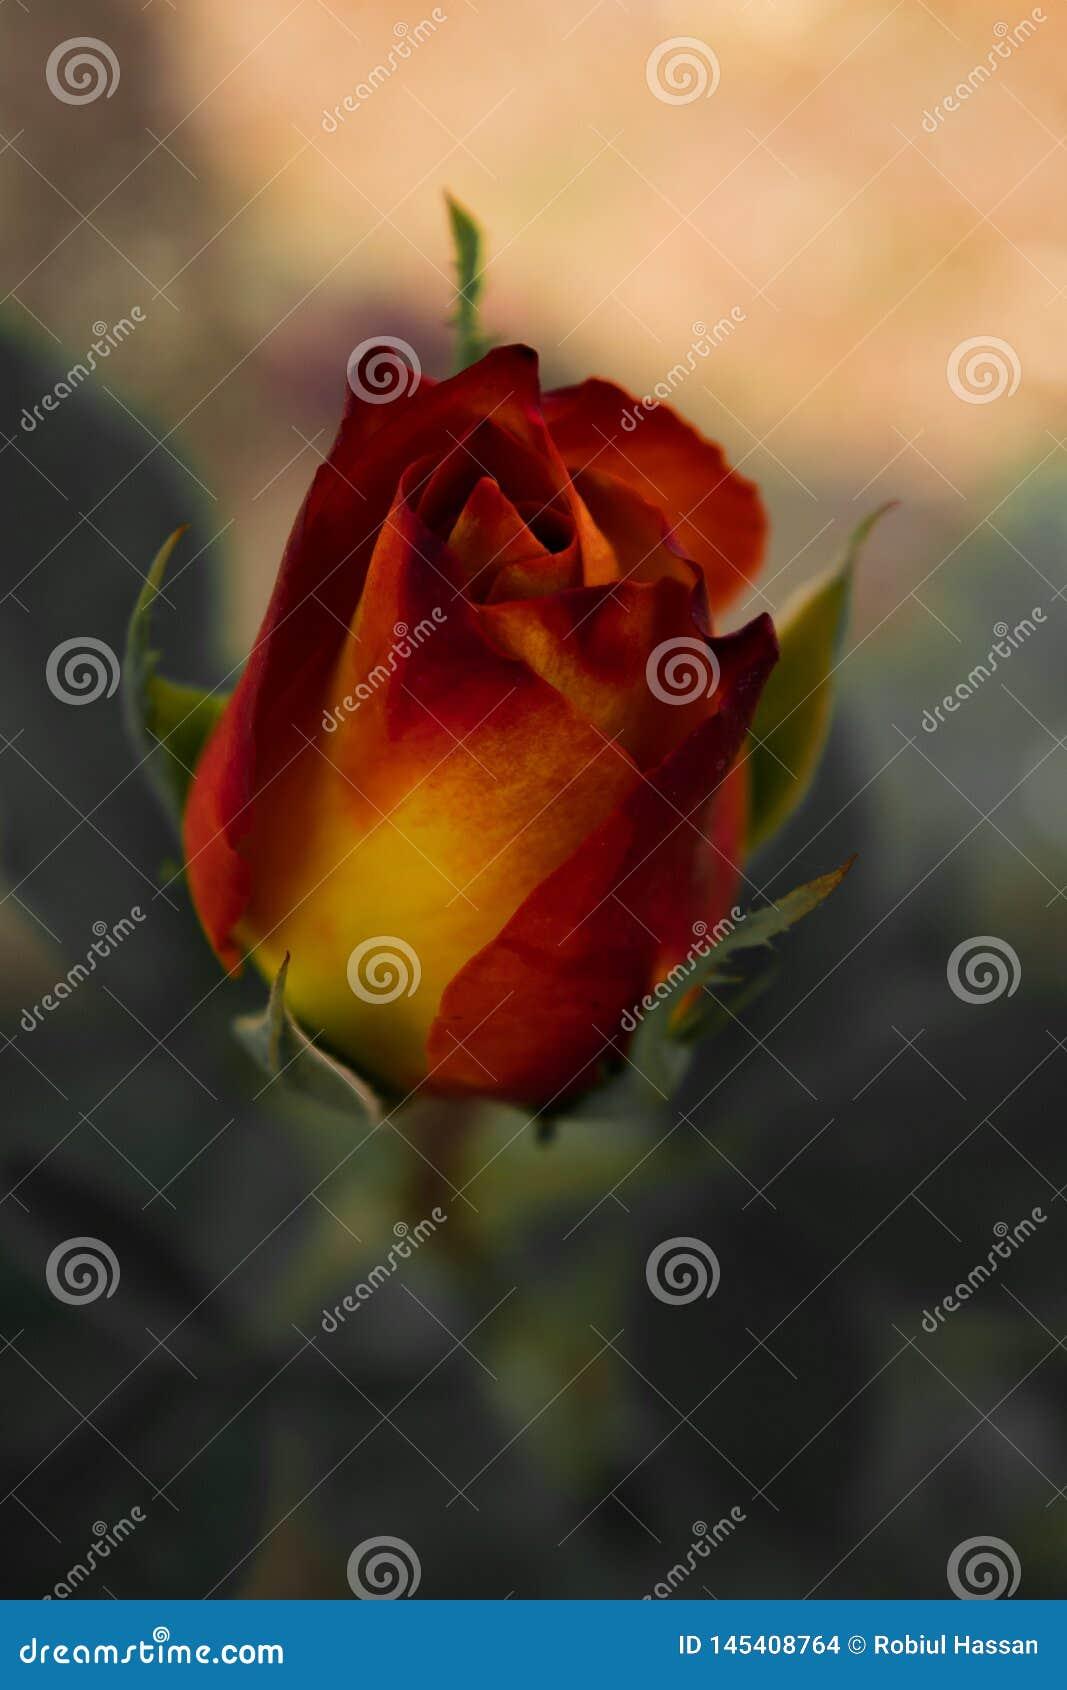 Image de fleur, image de Rose Flower, image de fleur de HD